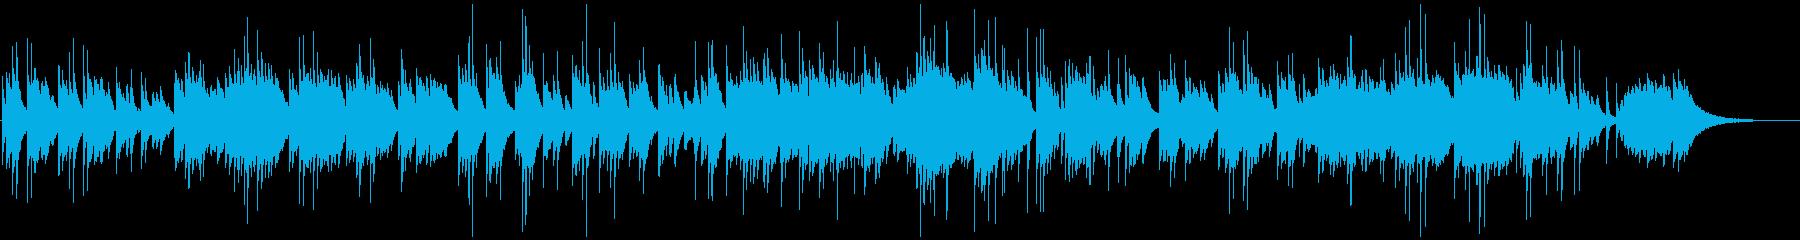 しっとりと落ち着くピアノ演奏の再生済みの波形